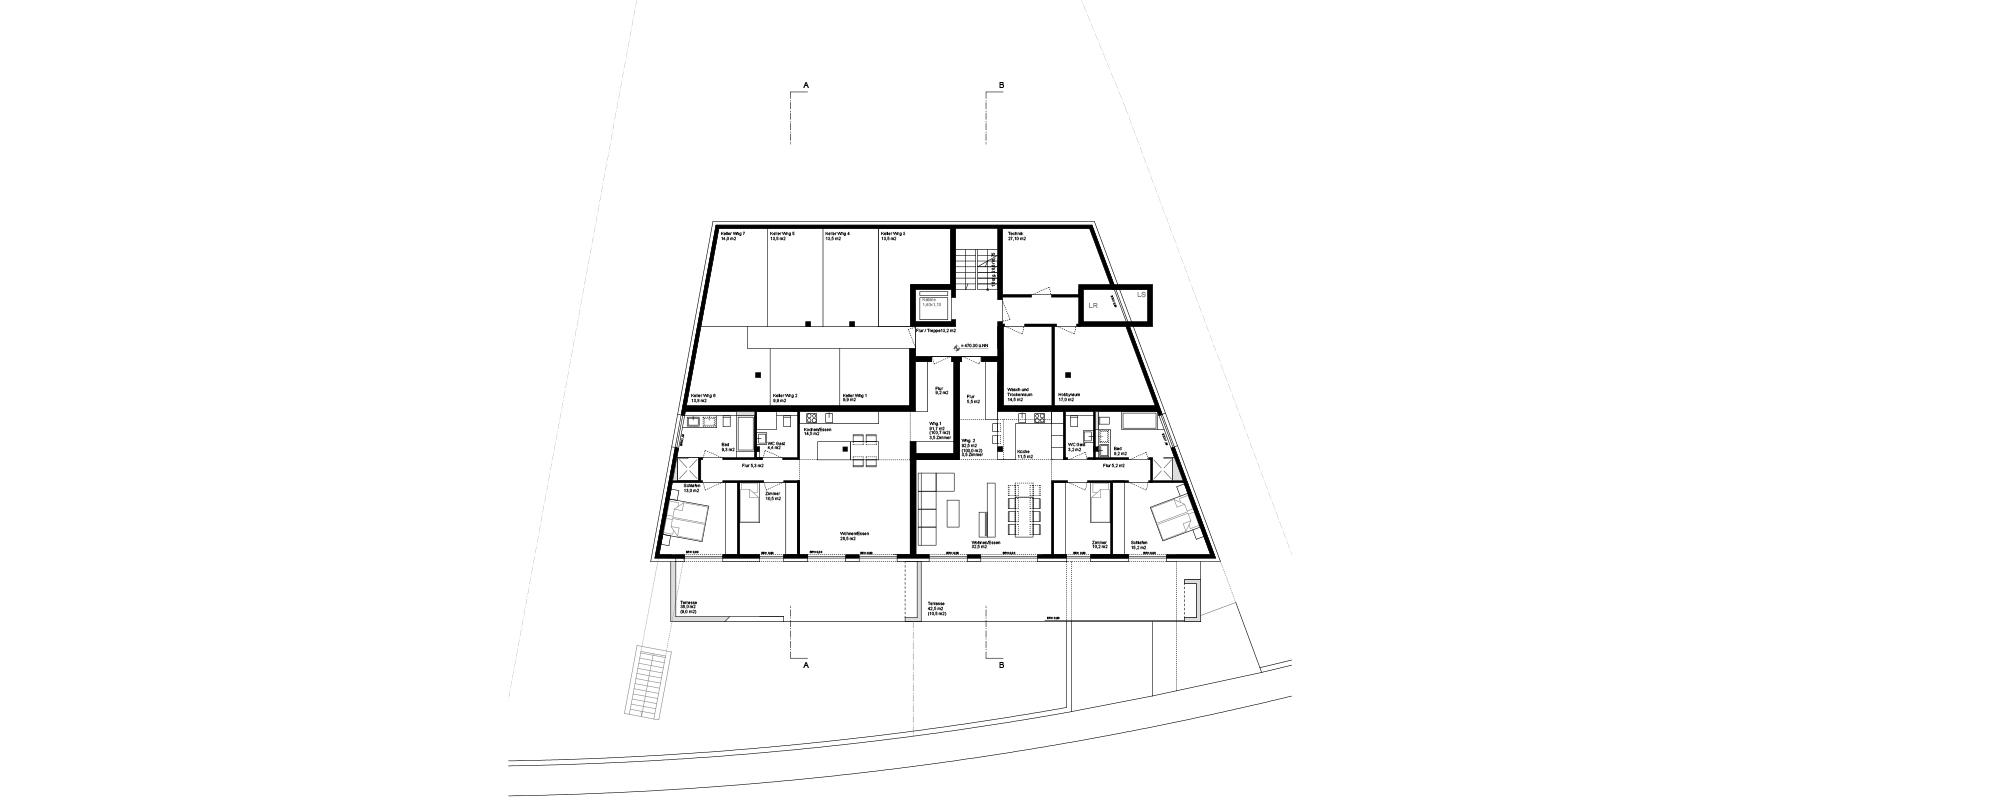 Referenz PlanQuadrat | Grundschnitt des exklusiven Mehrfamilienhauses in Im Haldenau, Stuttgart